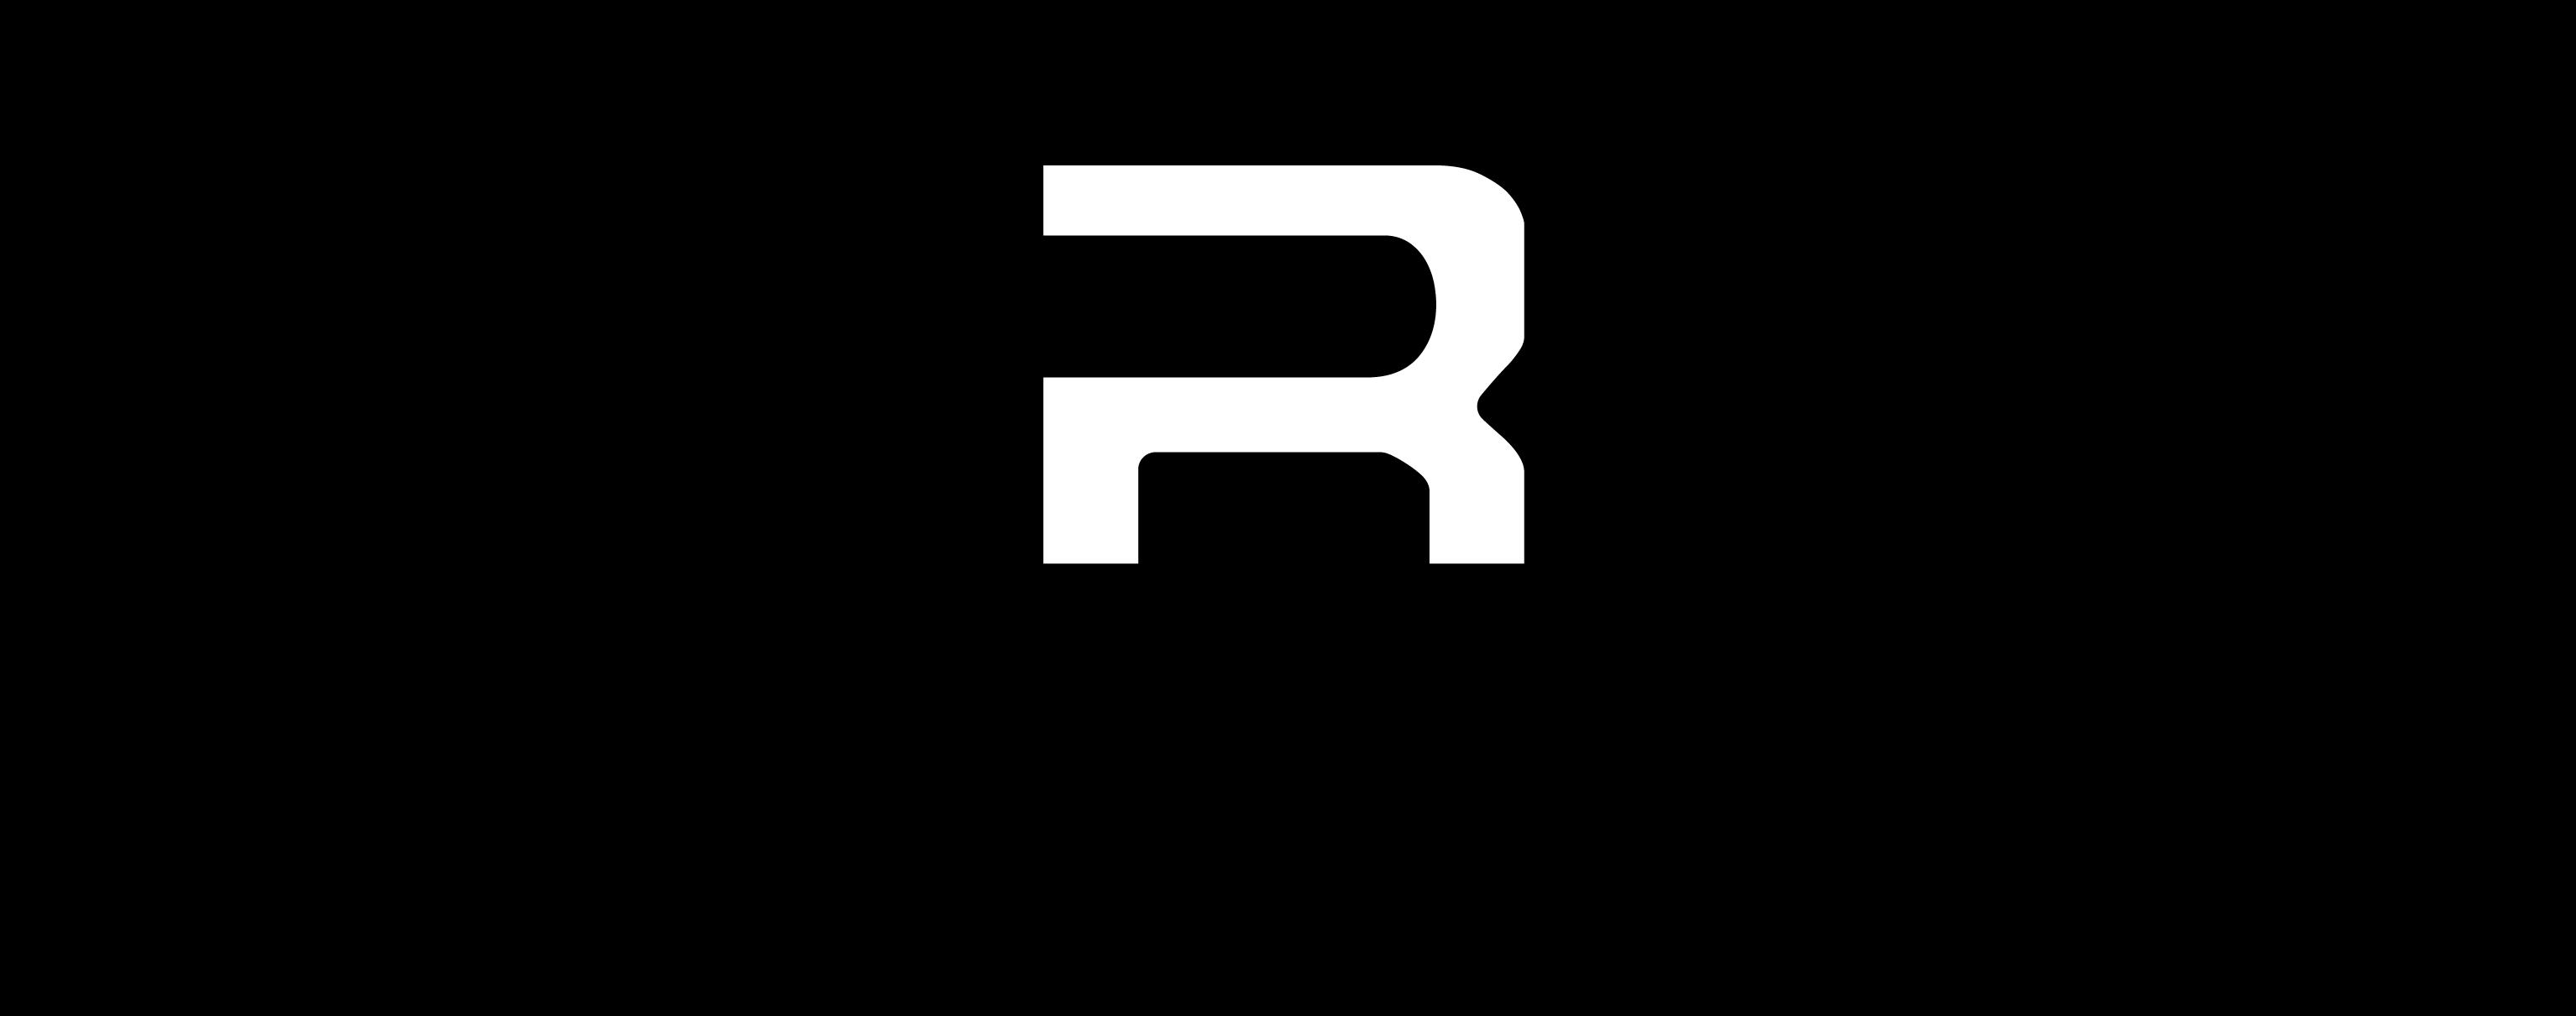 помощью рамштайн картинки логотипы данный момент существует